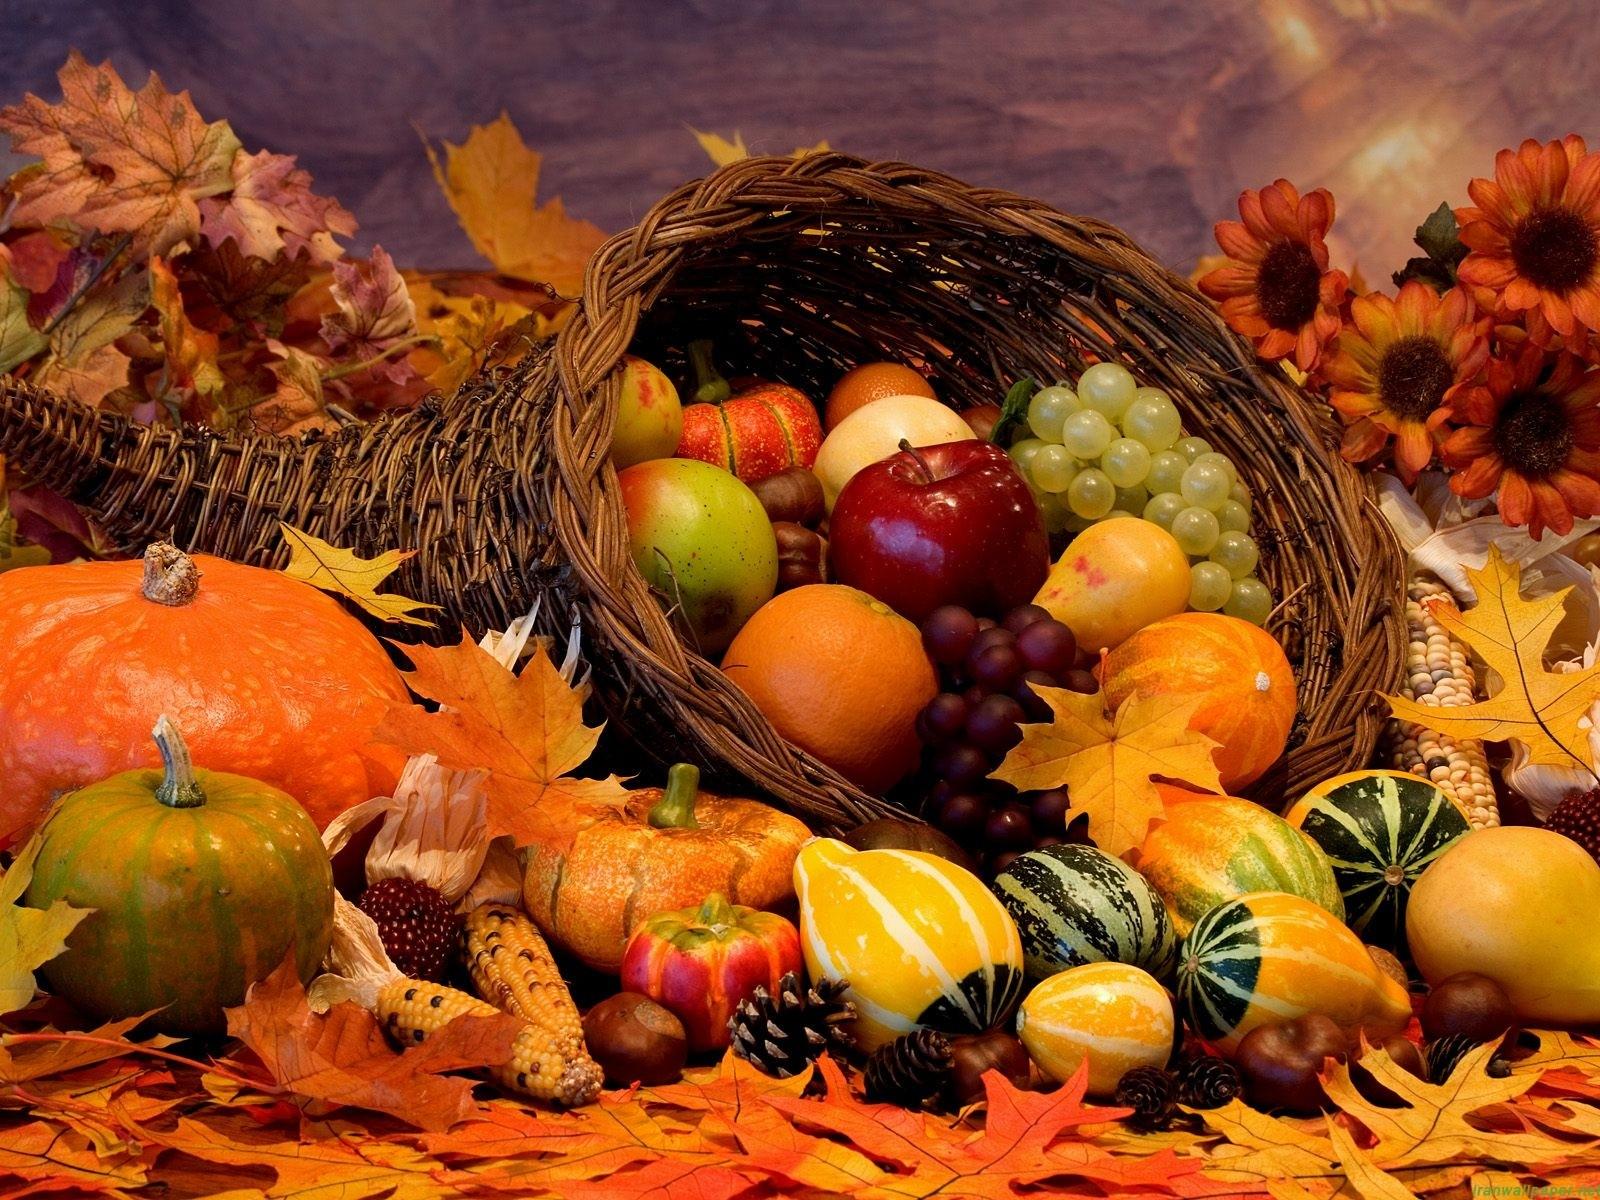 thanksgiving-day-horn-of-plenty